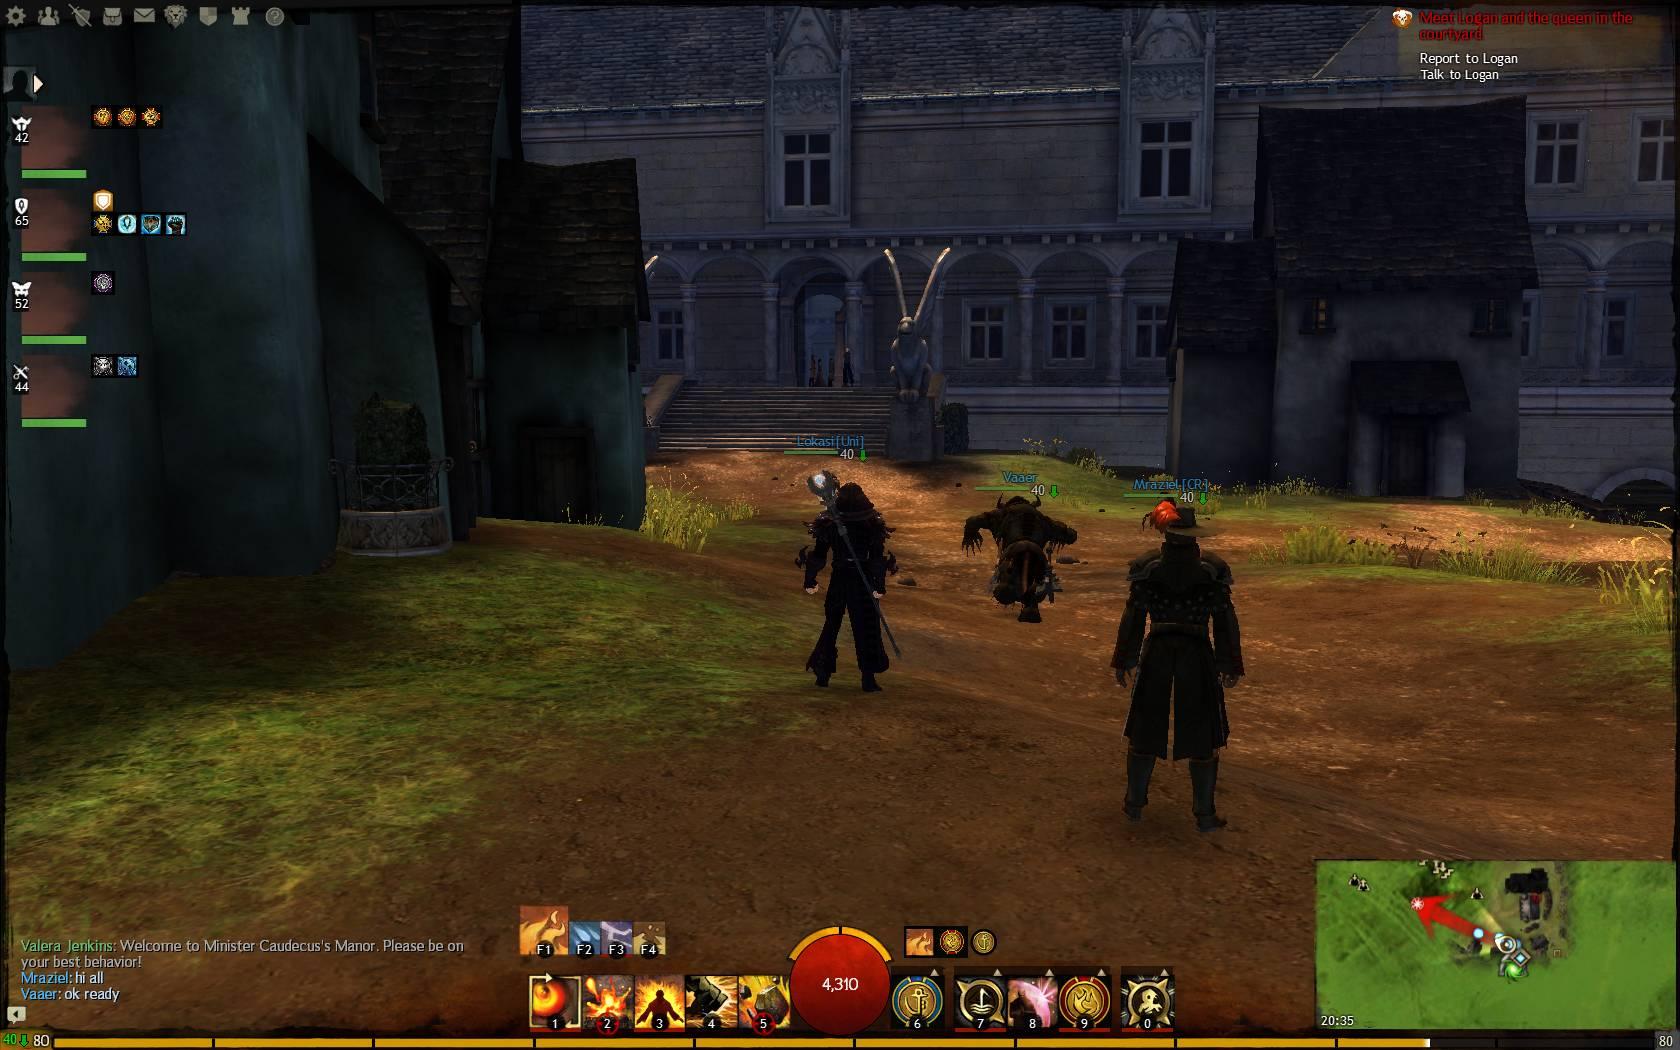 Caudecus's_Manor_dungeon_gw2_1